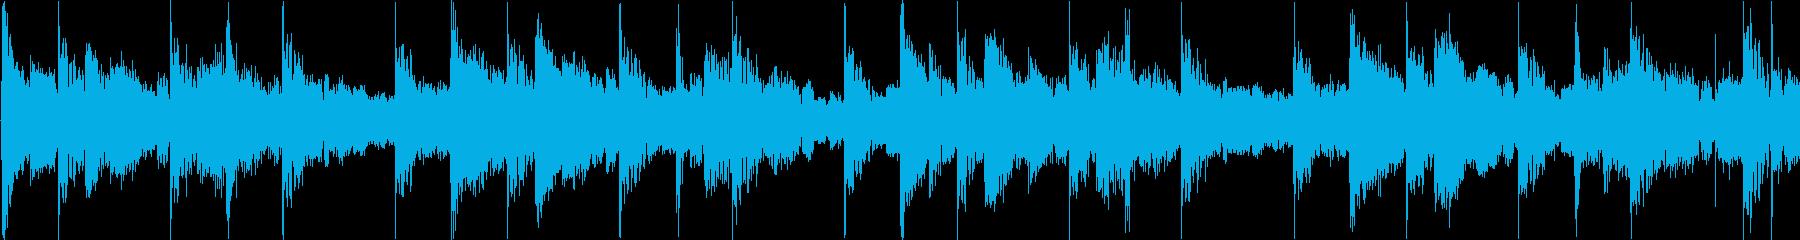 緊張感のあるアンビエントテクノの再生済みの波形